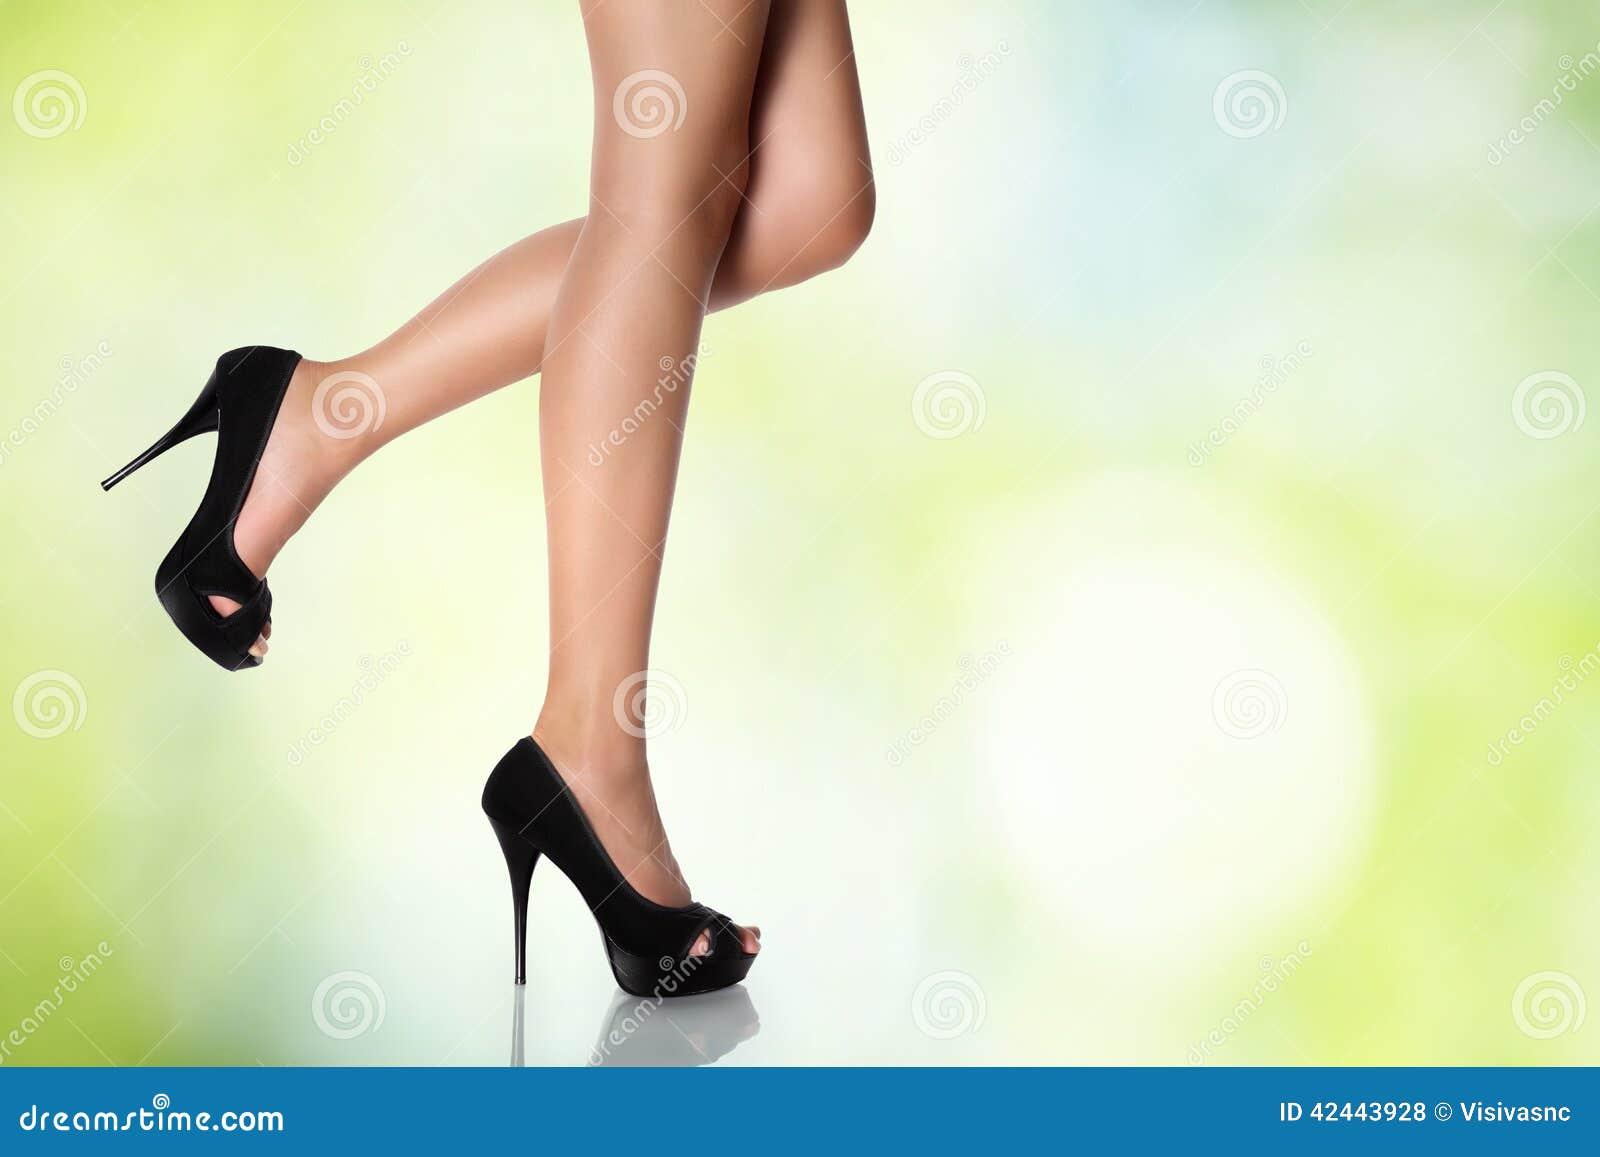 有黑高跟鞋的腿在绿色背景